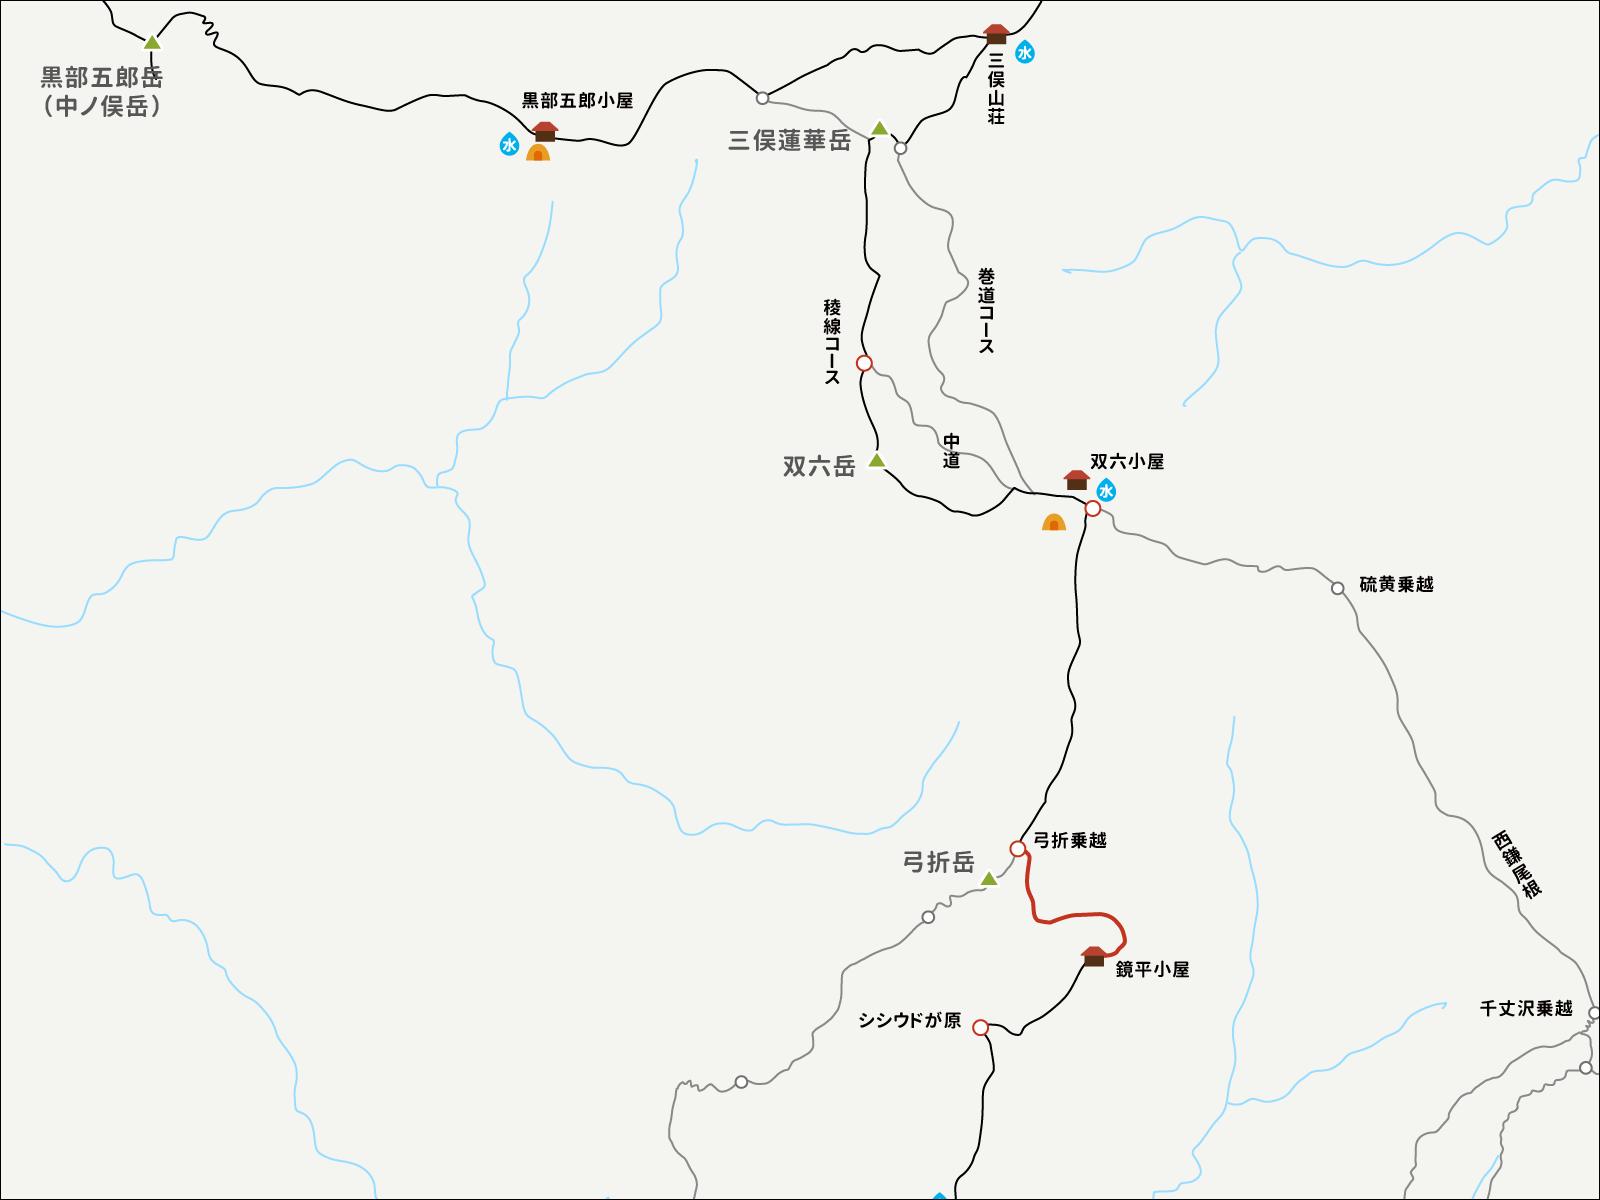 弓折乗越から鏡平山荘までのイラストマップ